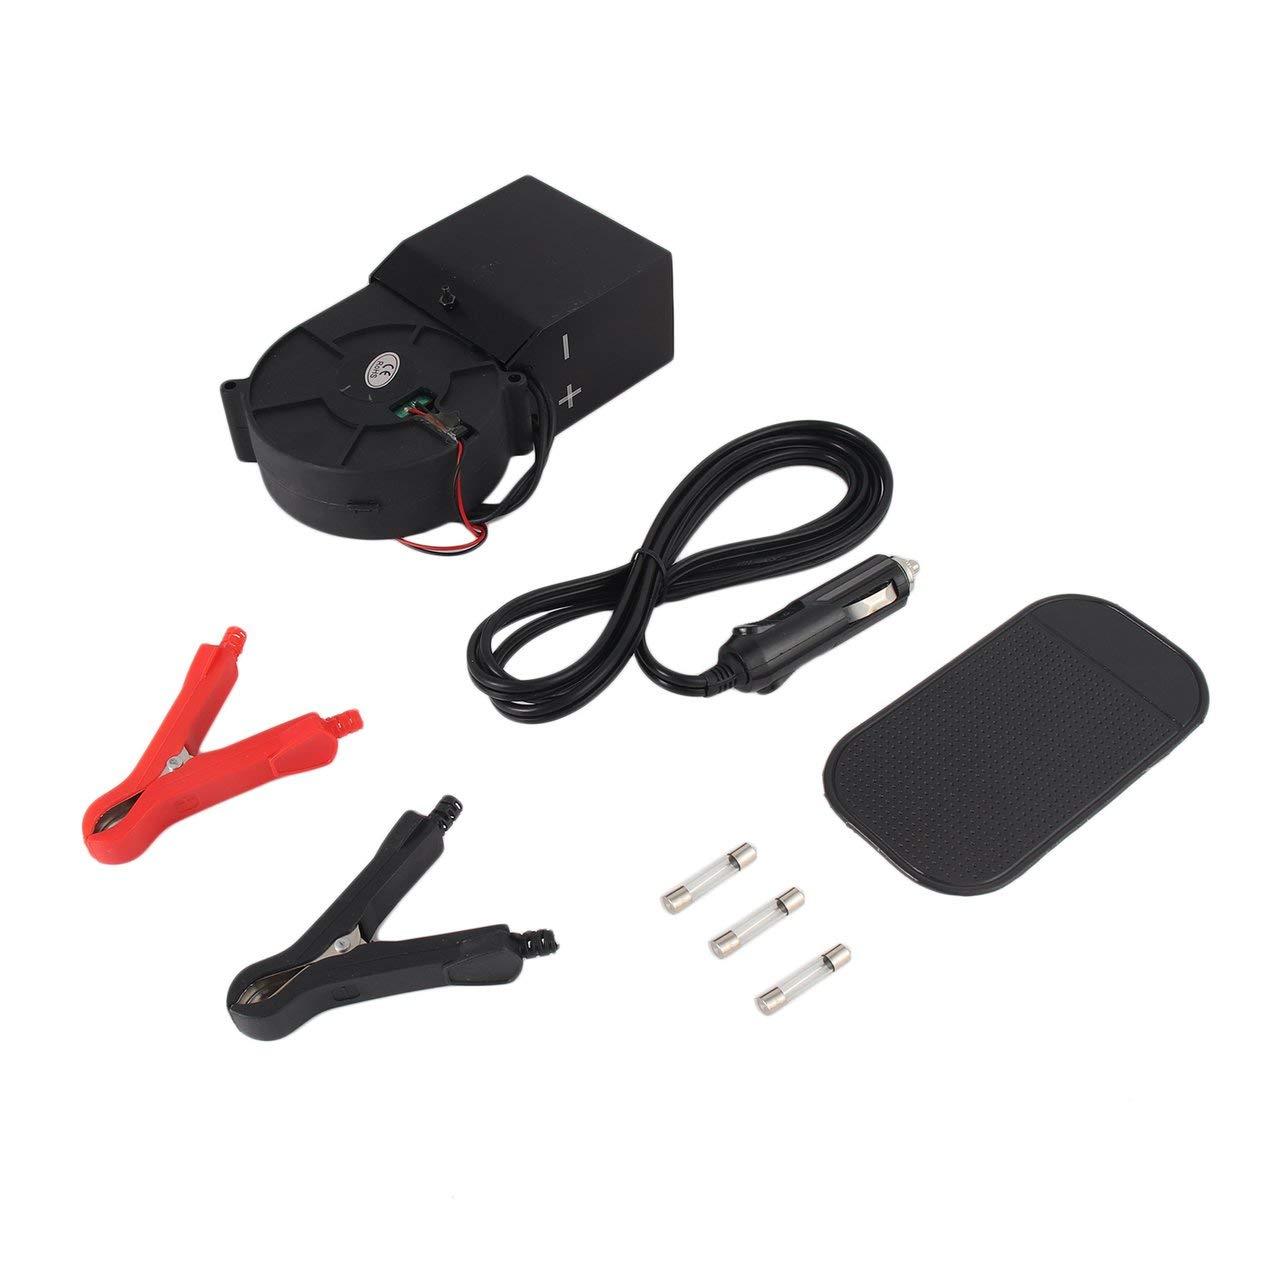 Ventola sbrinatore regolabile per riscaldamento auto 12V PTC 300W 500W (colore: nero) WOSOSYEYO